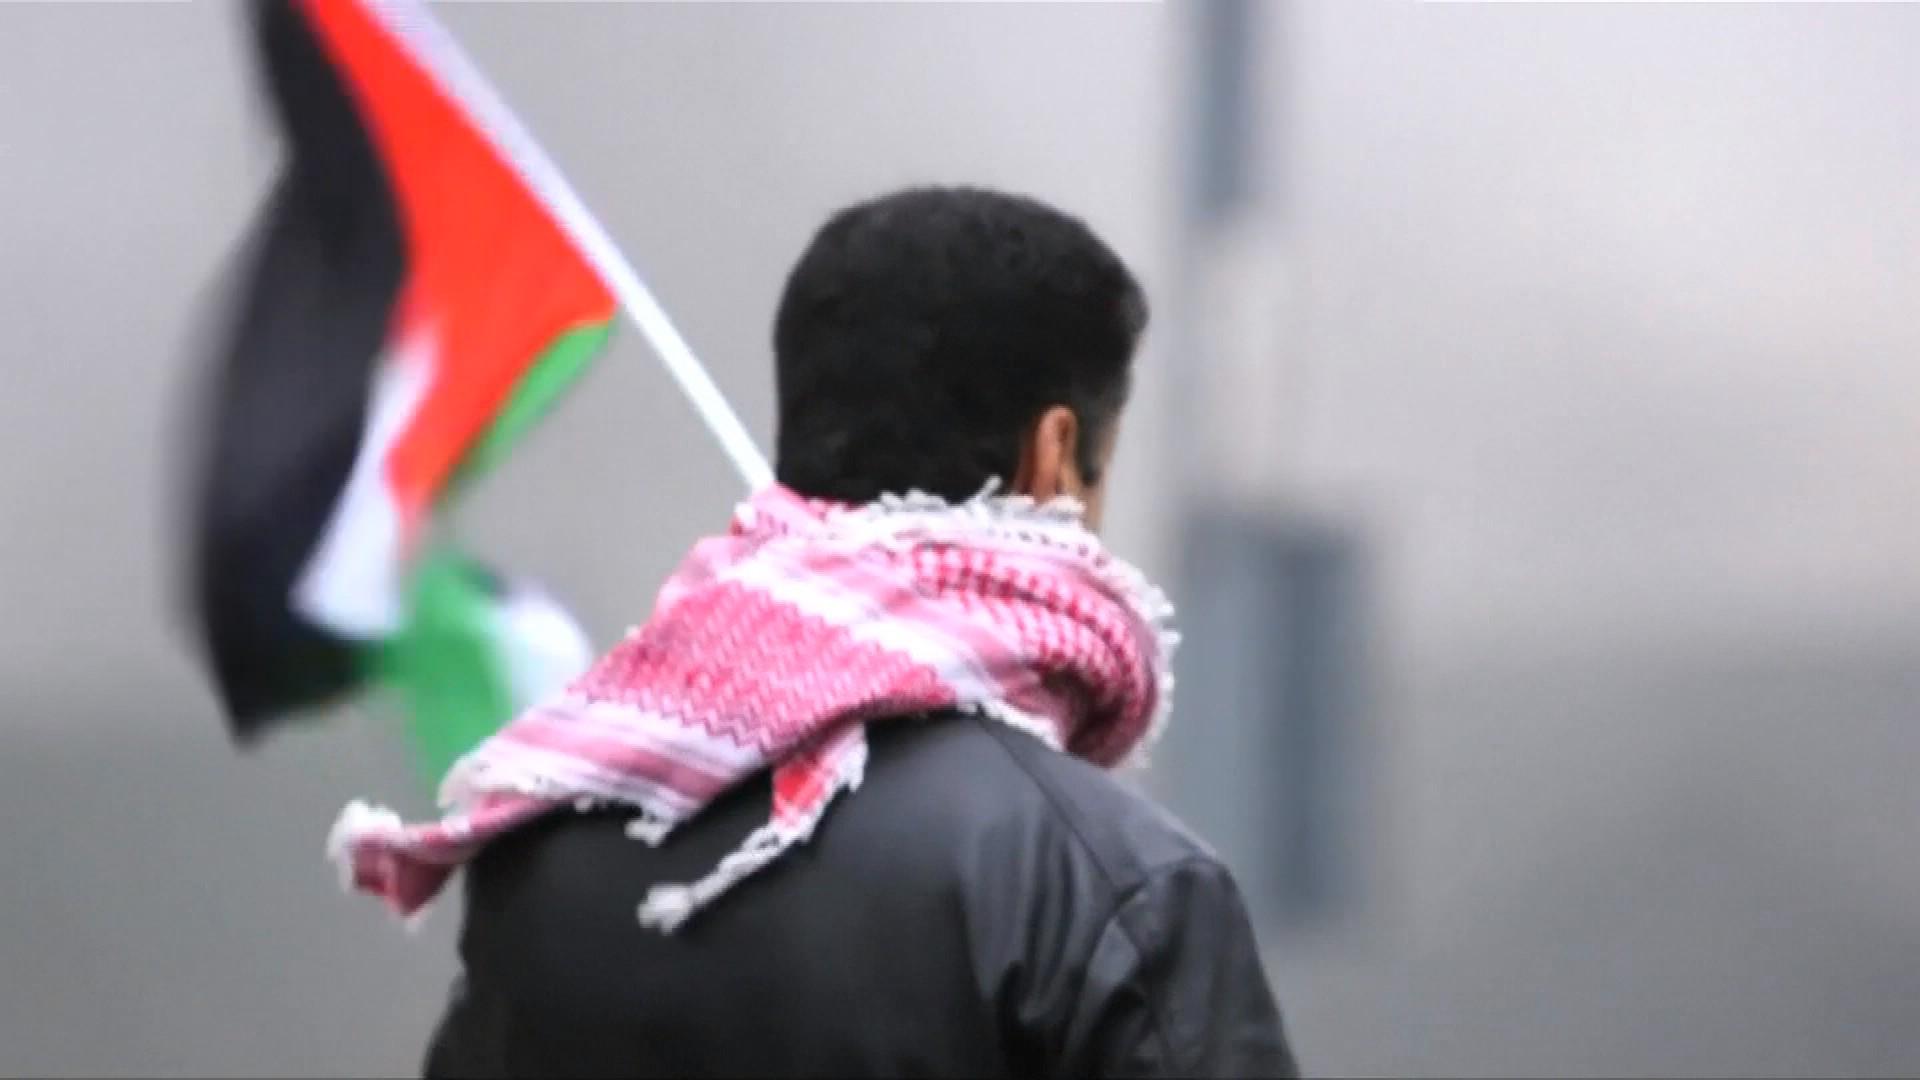 Nouveau face-à-face attendu aujourd'hui entre Palestiniens et soldats israéliens: déjà 16 morts hier